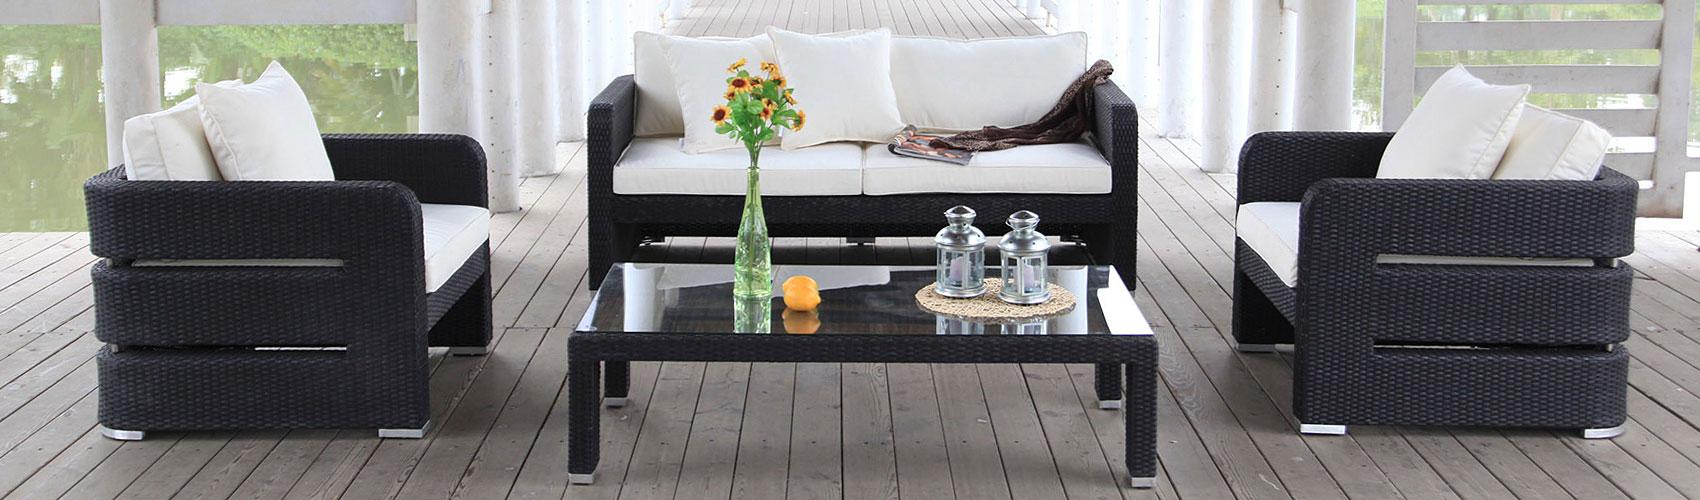 Poly-Rattan Lounge kaufen - Rattan Gartenmöbel